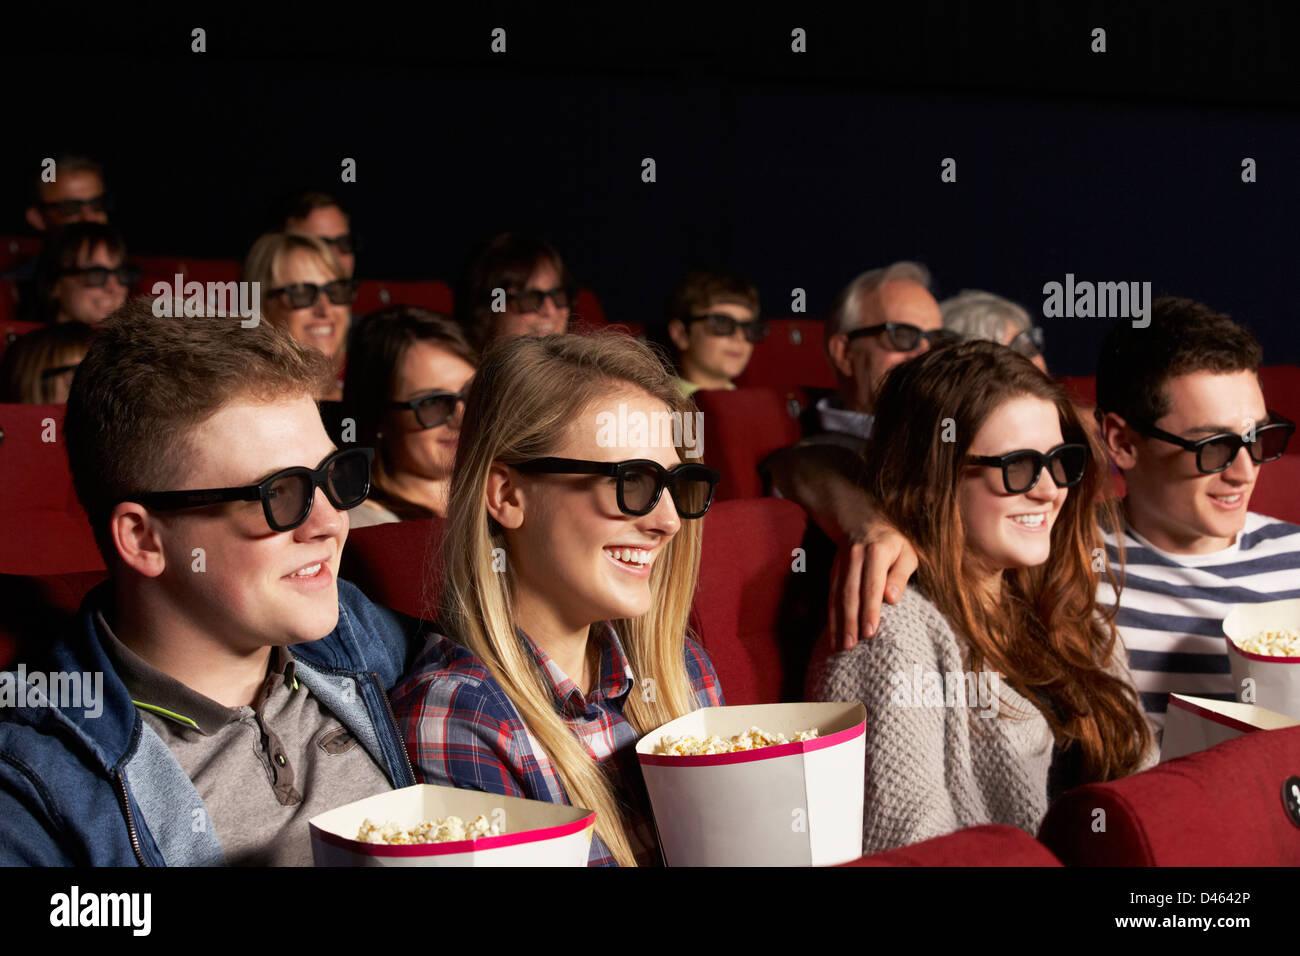 Grupo de Amigos adolescentes assistindo a filmes 3D em cinema Imagens de Stock